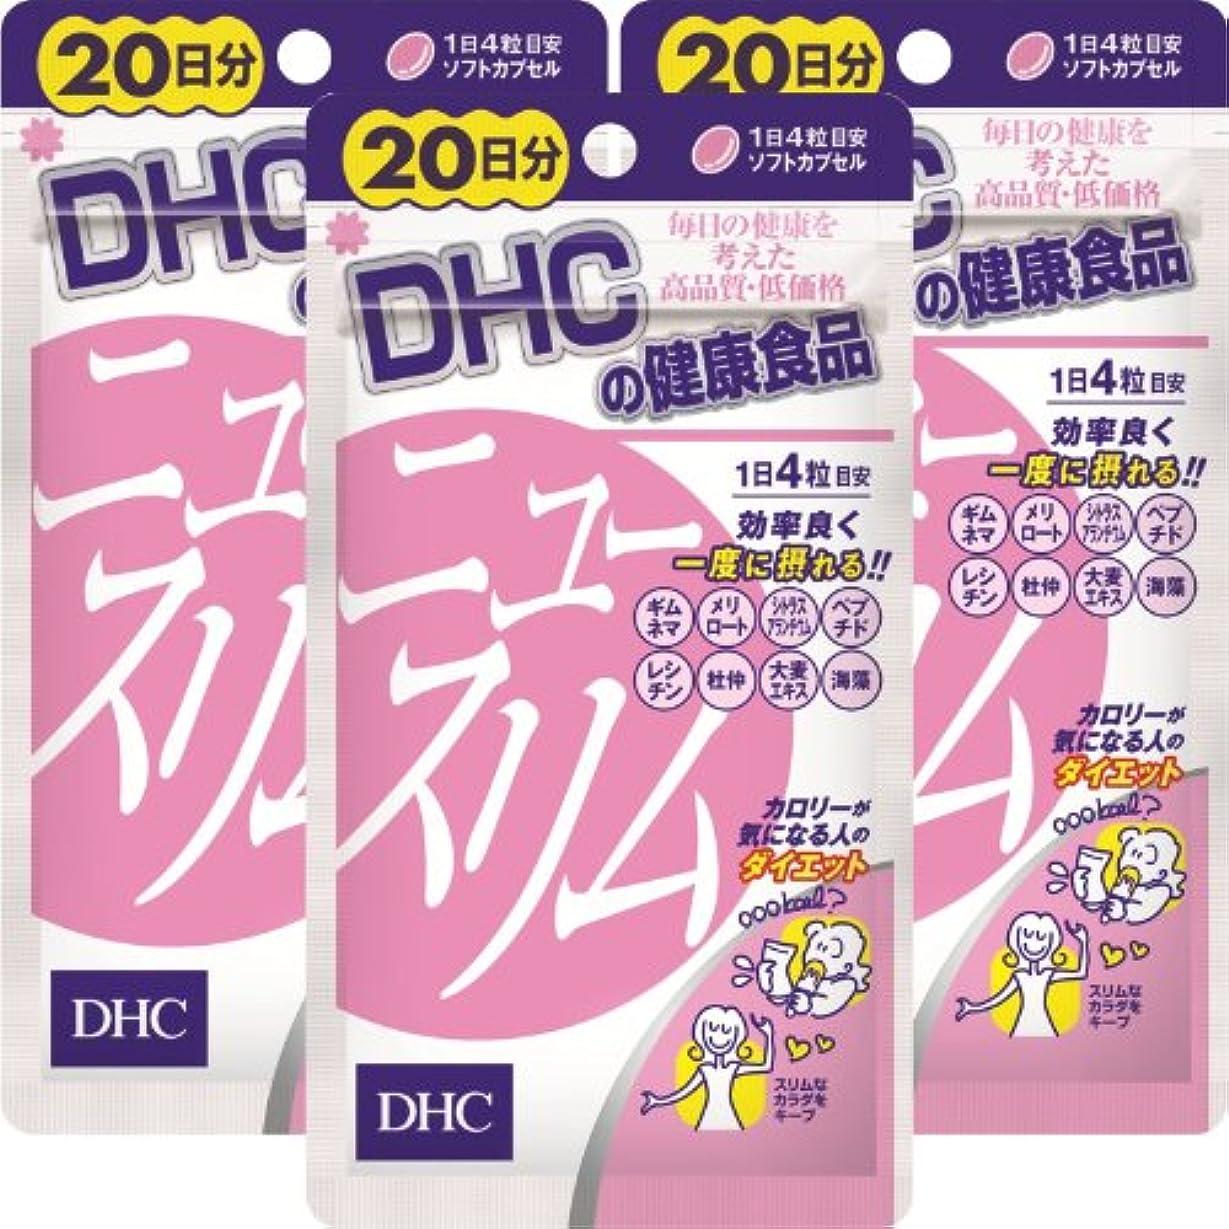 洗練デマンド値DHC ニュースリム 20日分(80粒)×3個